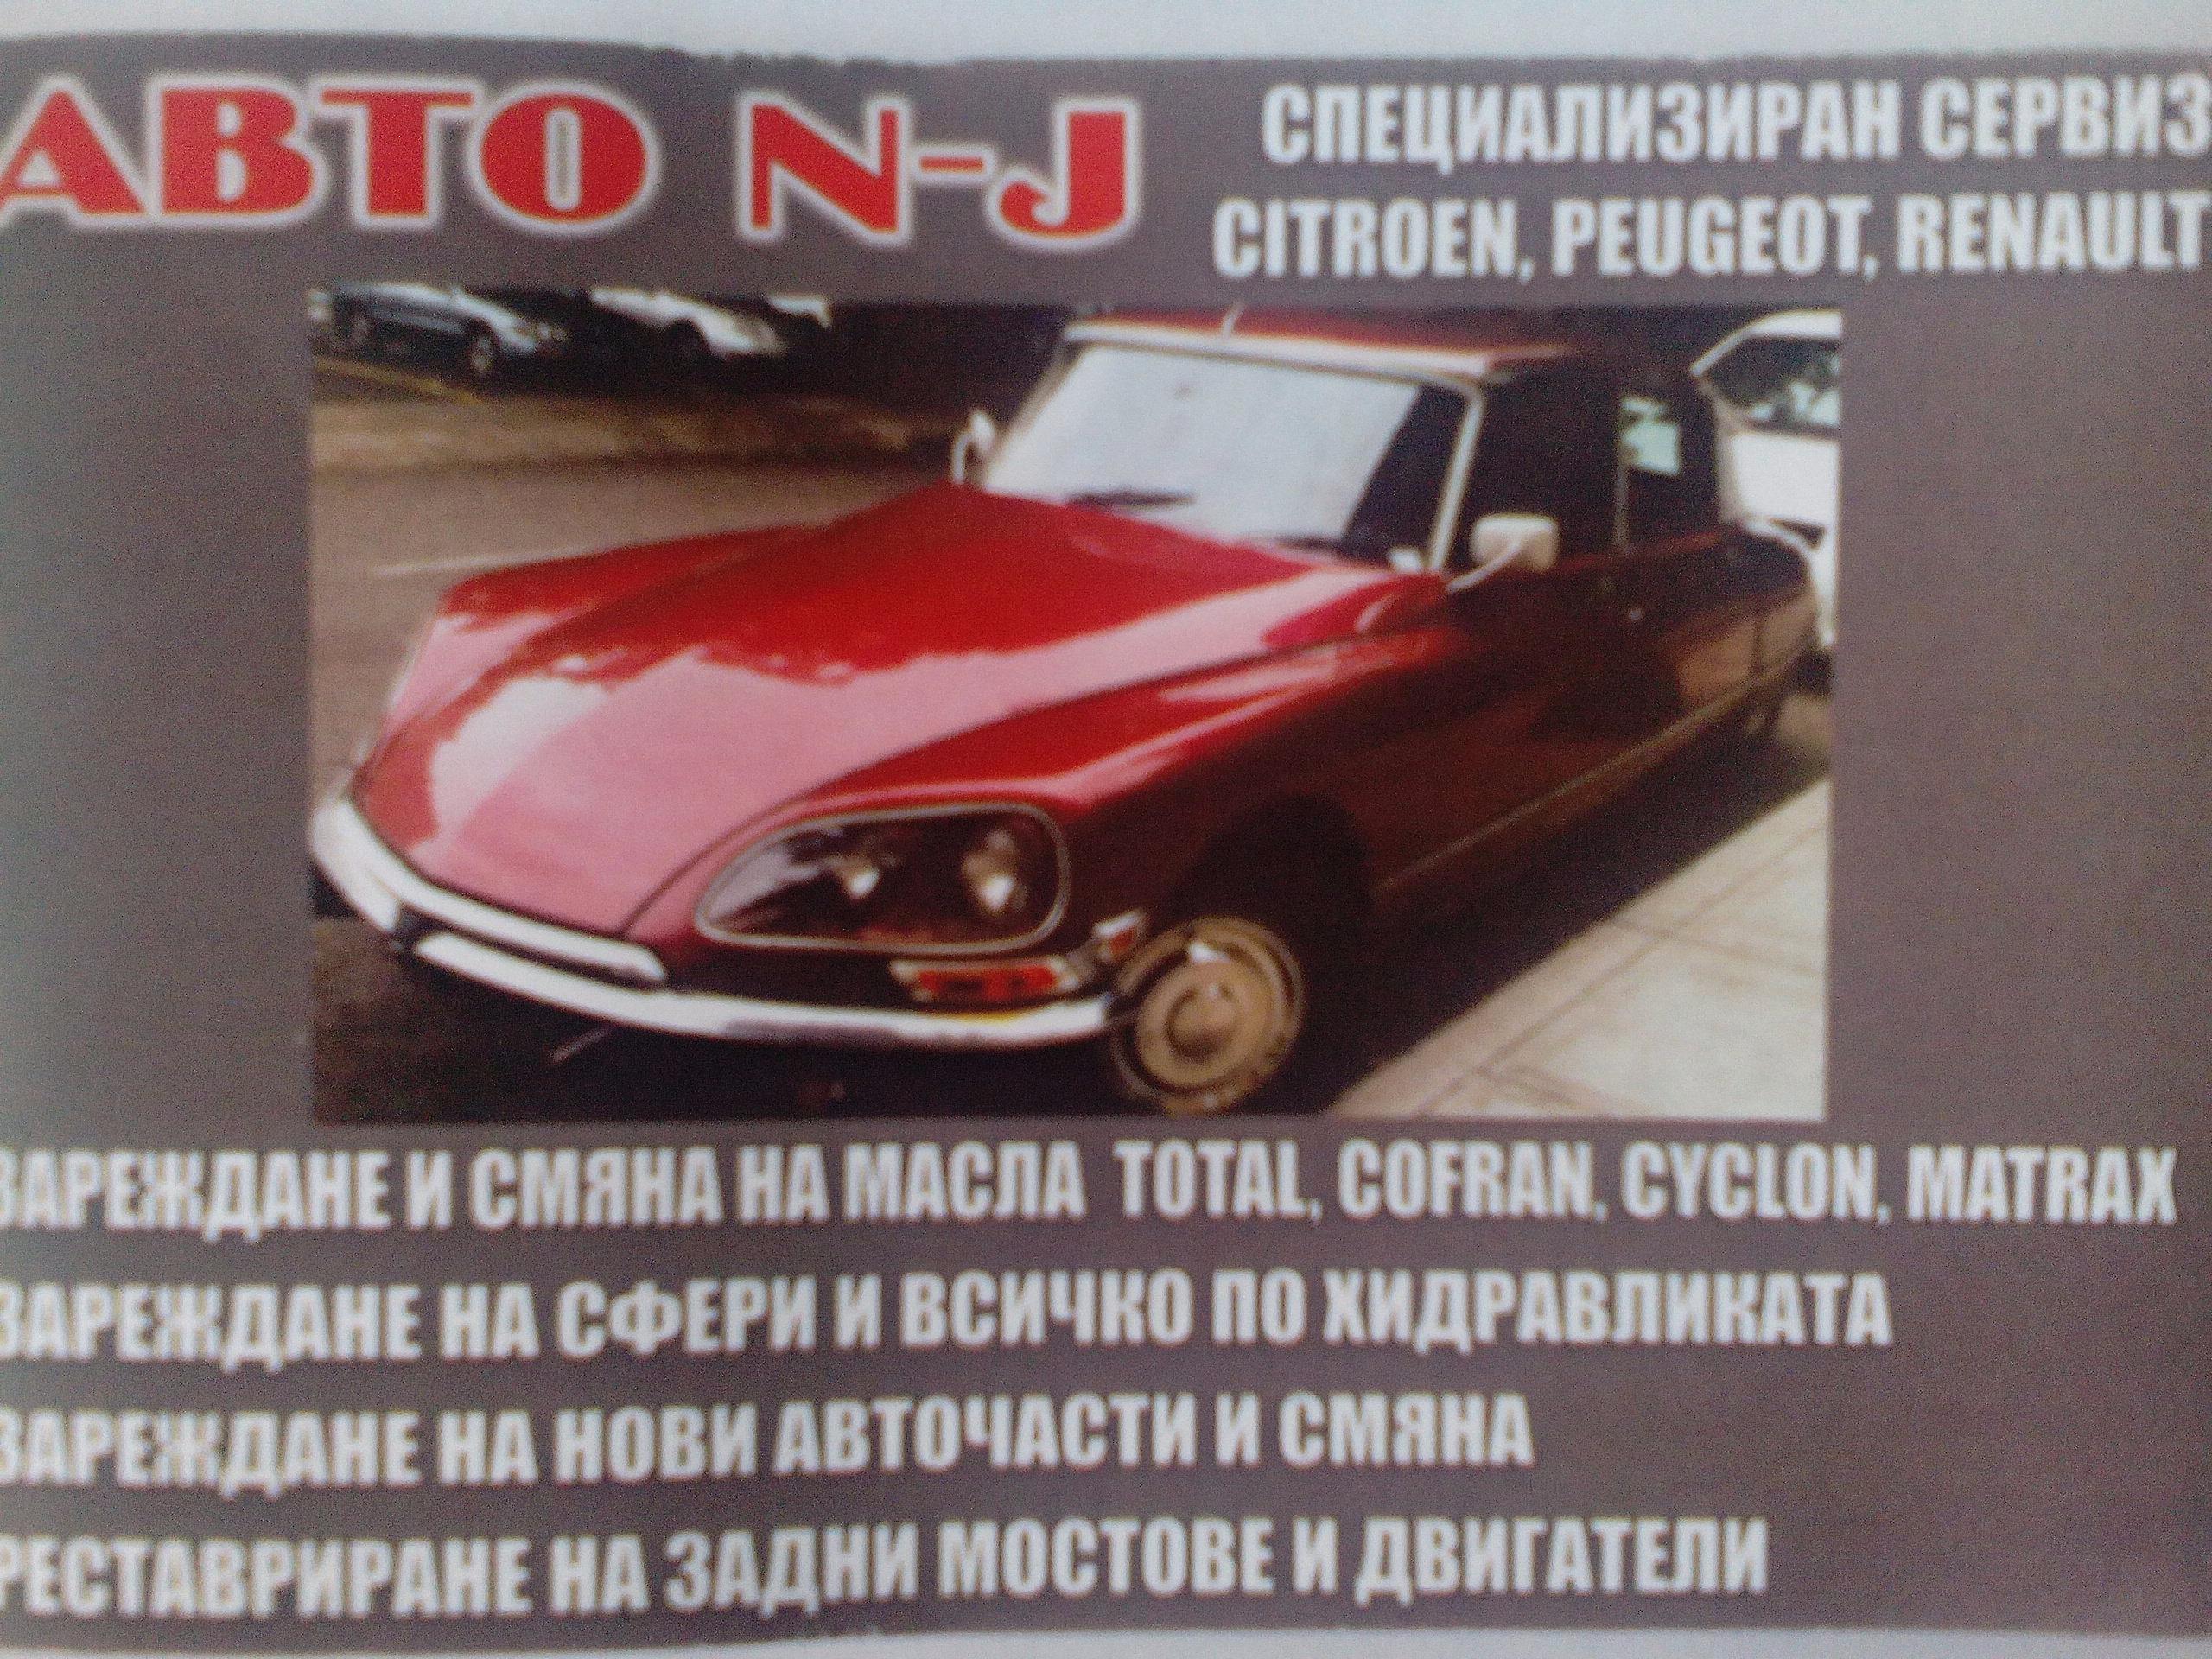 АВТО Н-Ж ЕООД photo-0